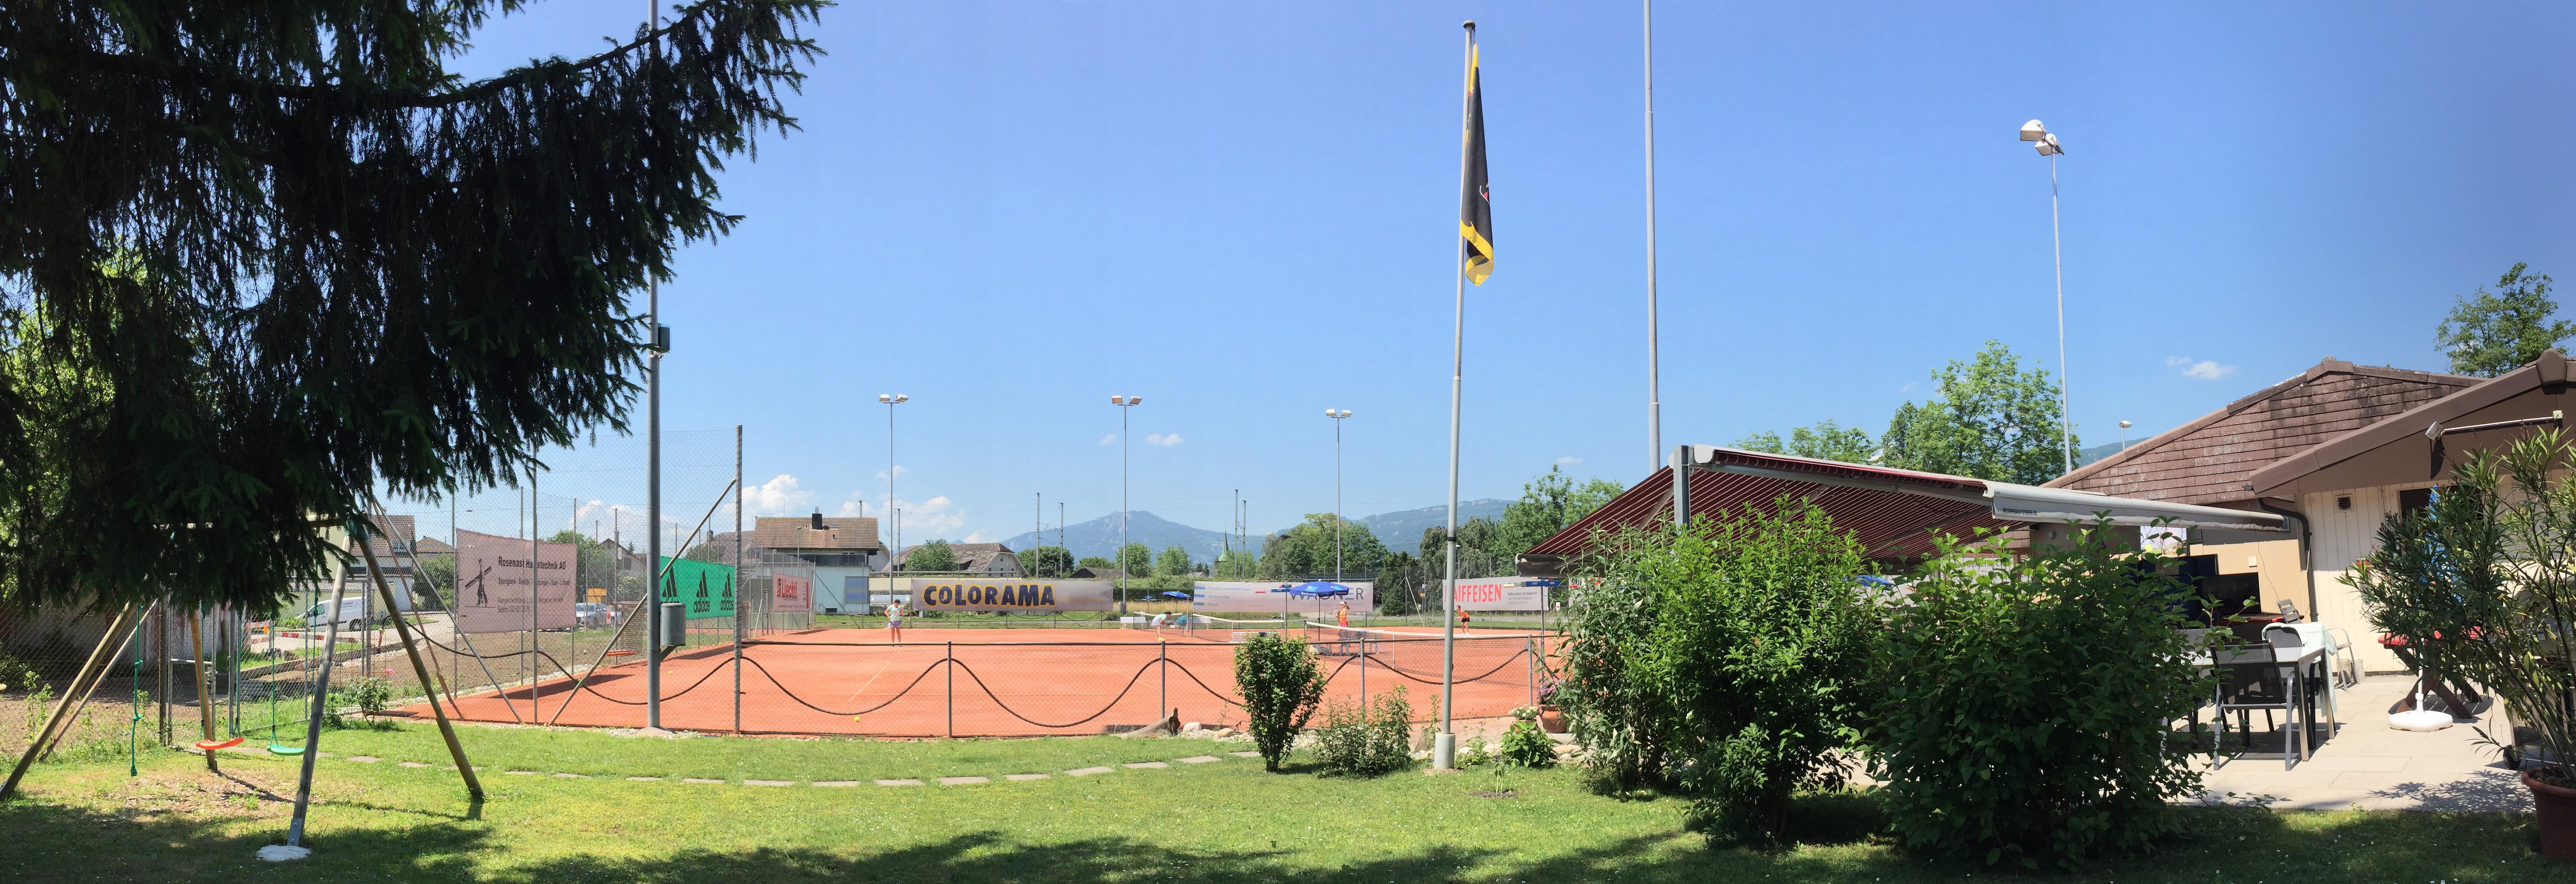 Tennisclub Wangen an der Aare